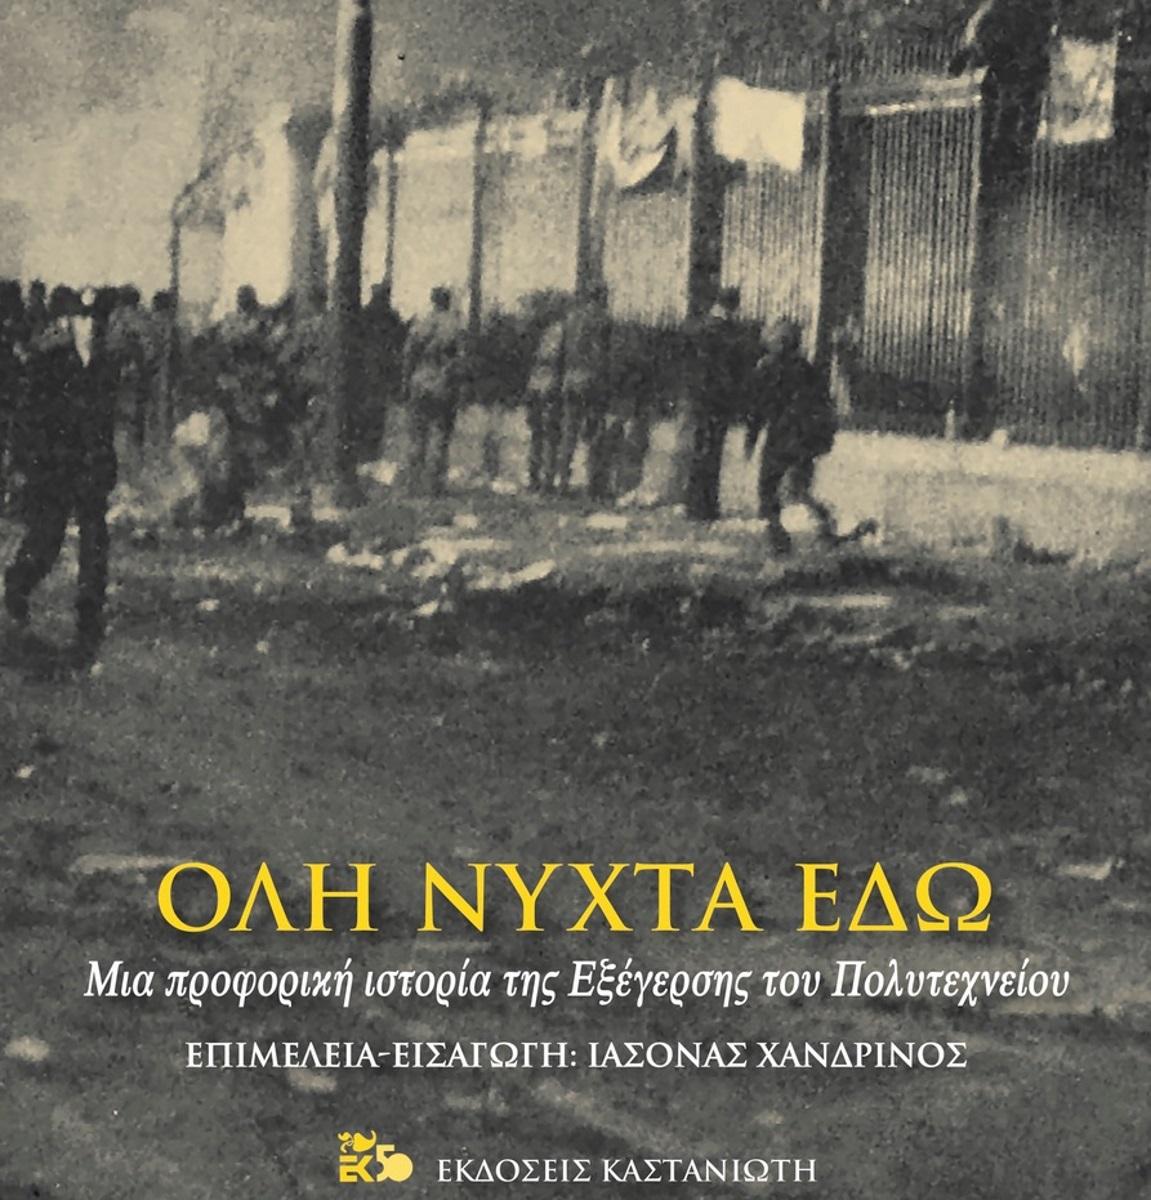 46 χρόνια από την εξέγερση του Πολυτεχνείου - Μαρτυρίες που συγκλονίζουν